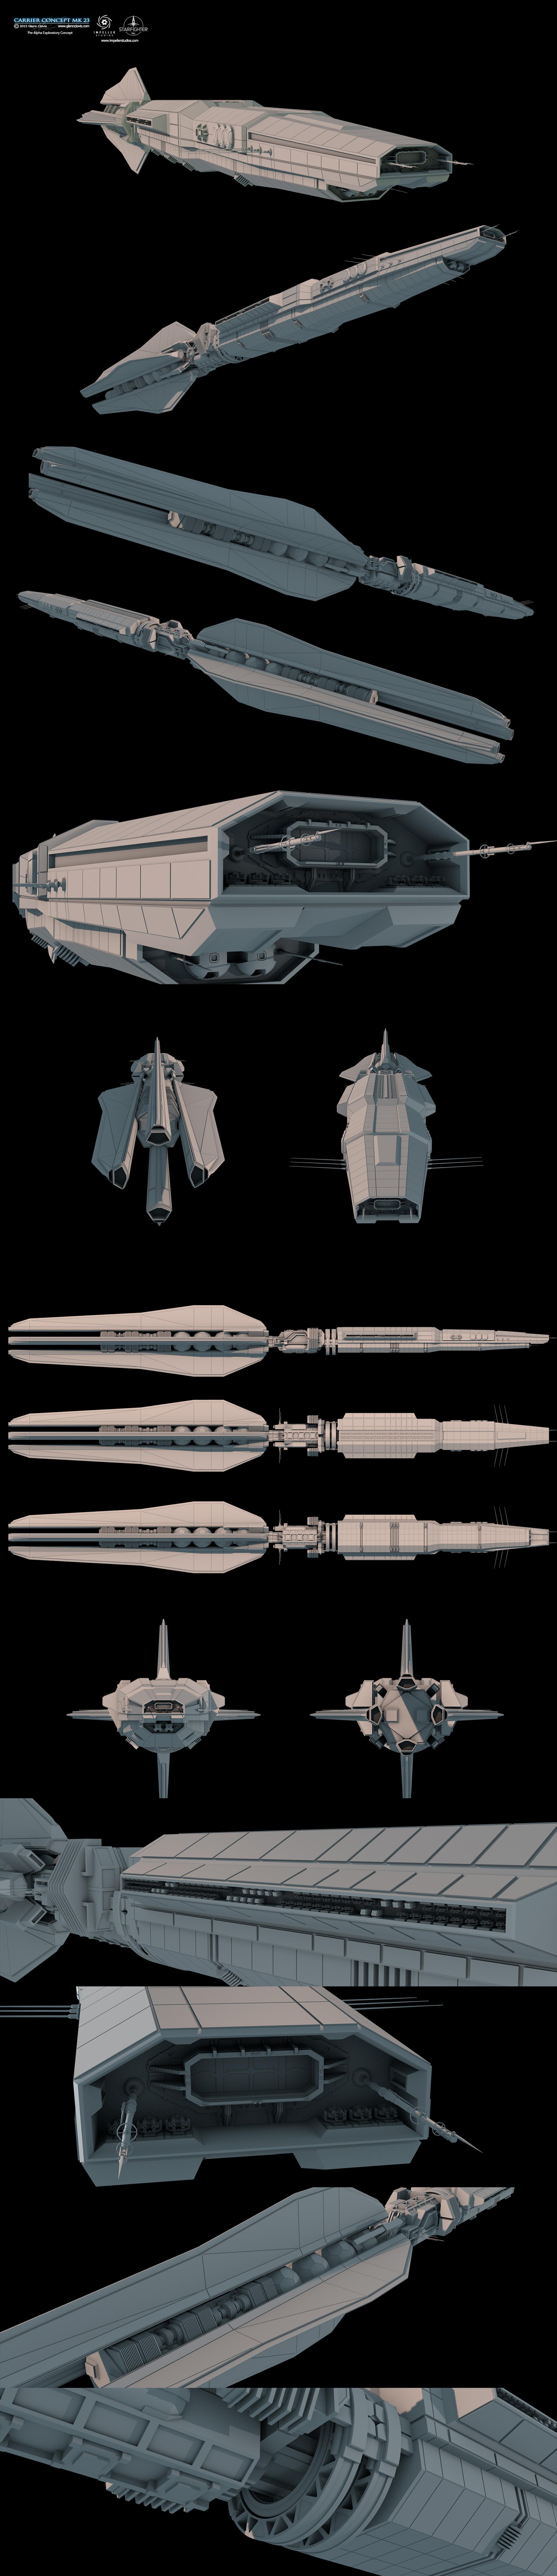 Glenn clovis carrier concept mk23 by glennclovis